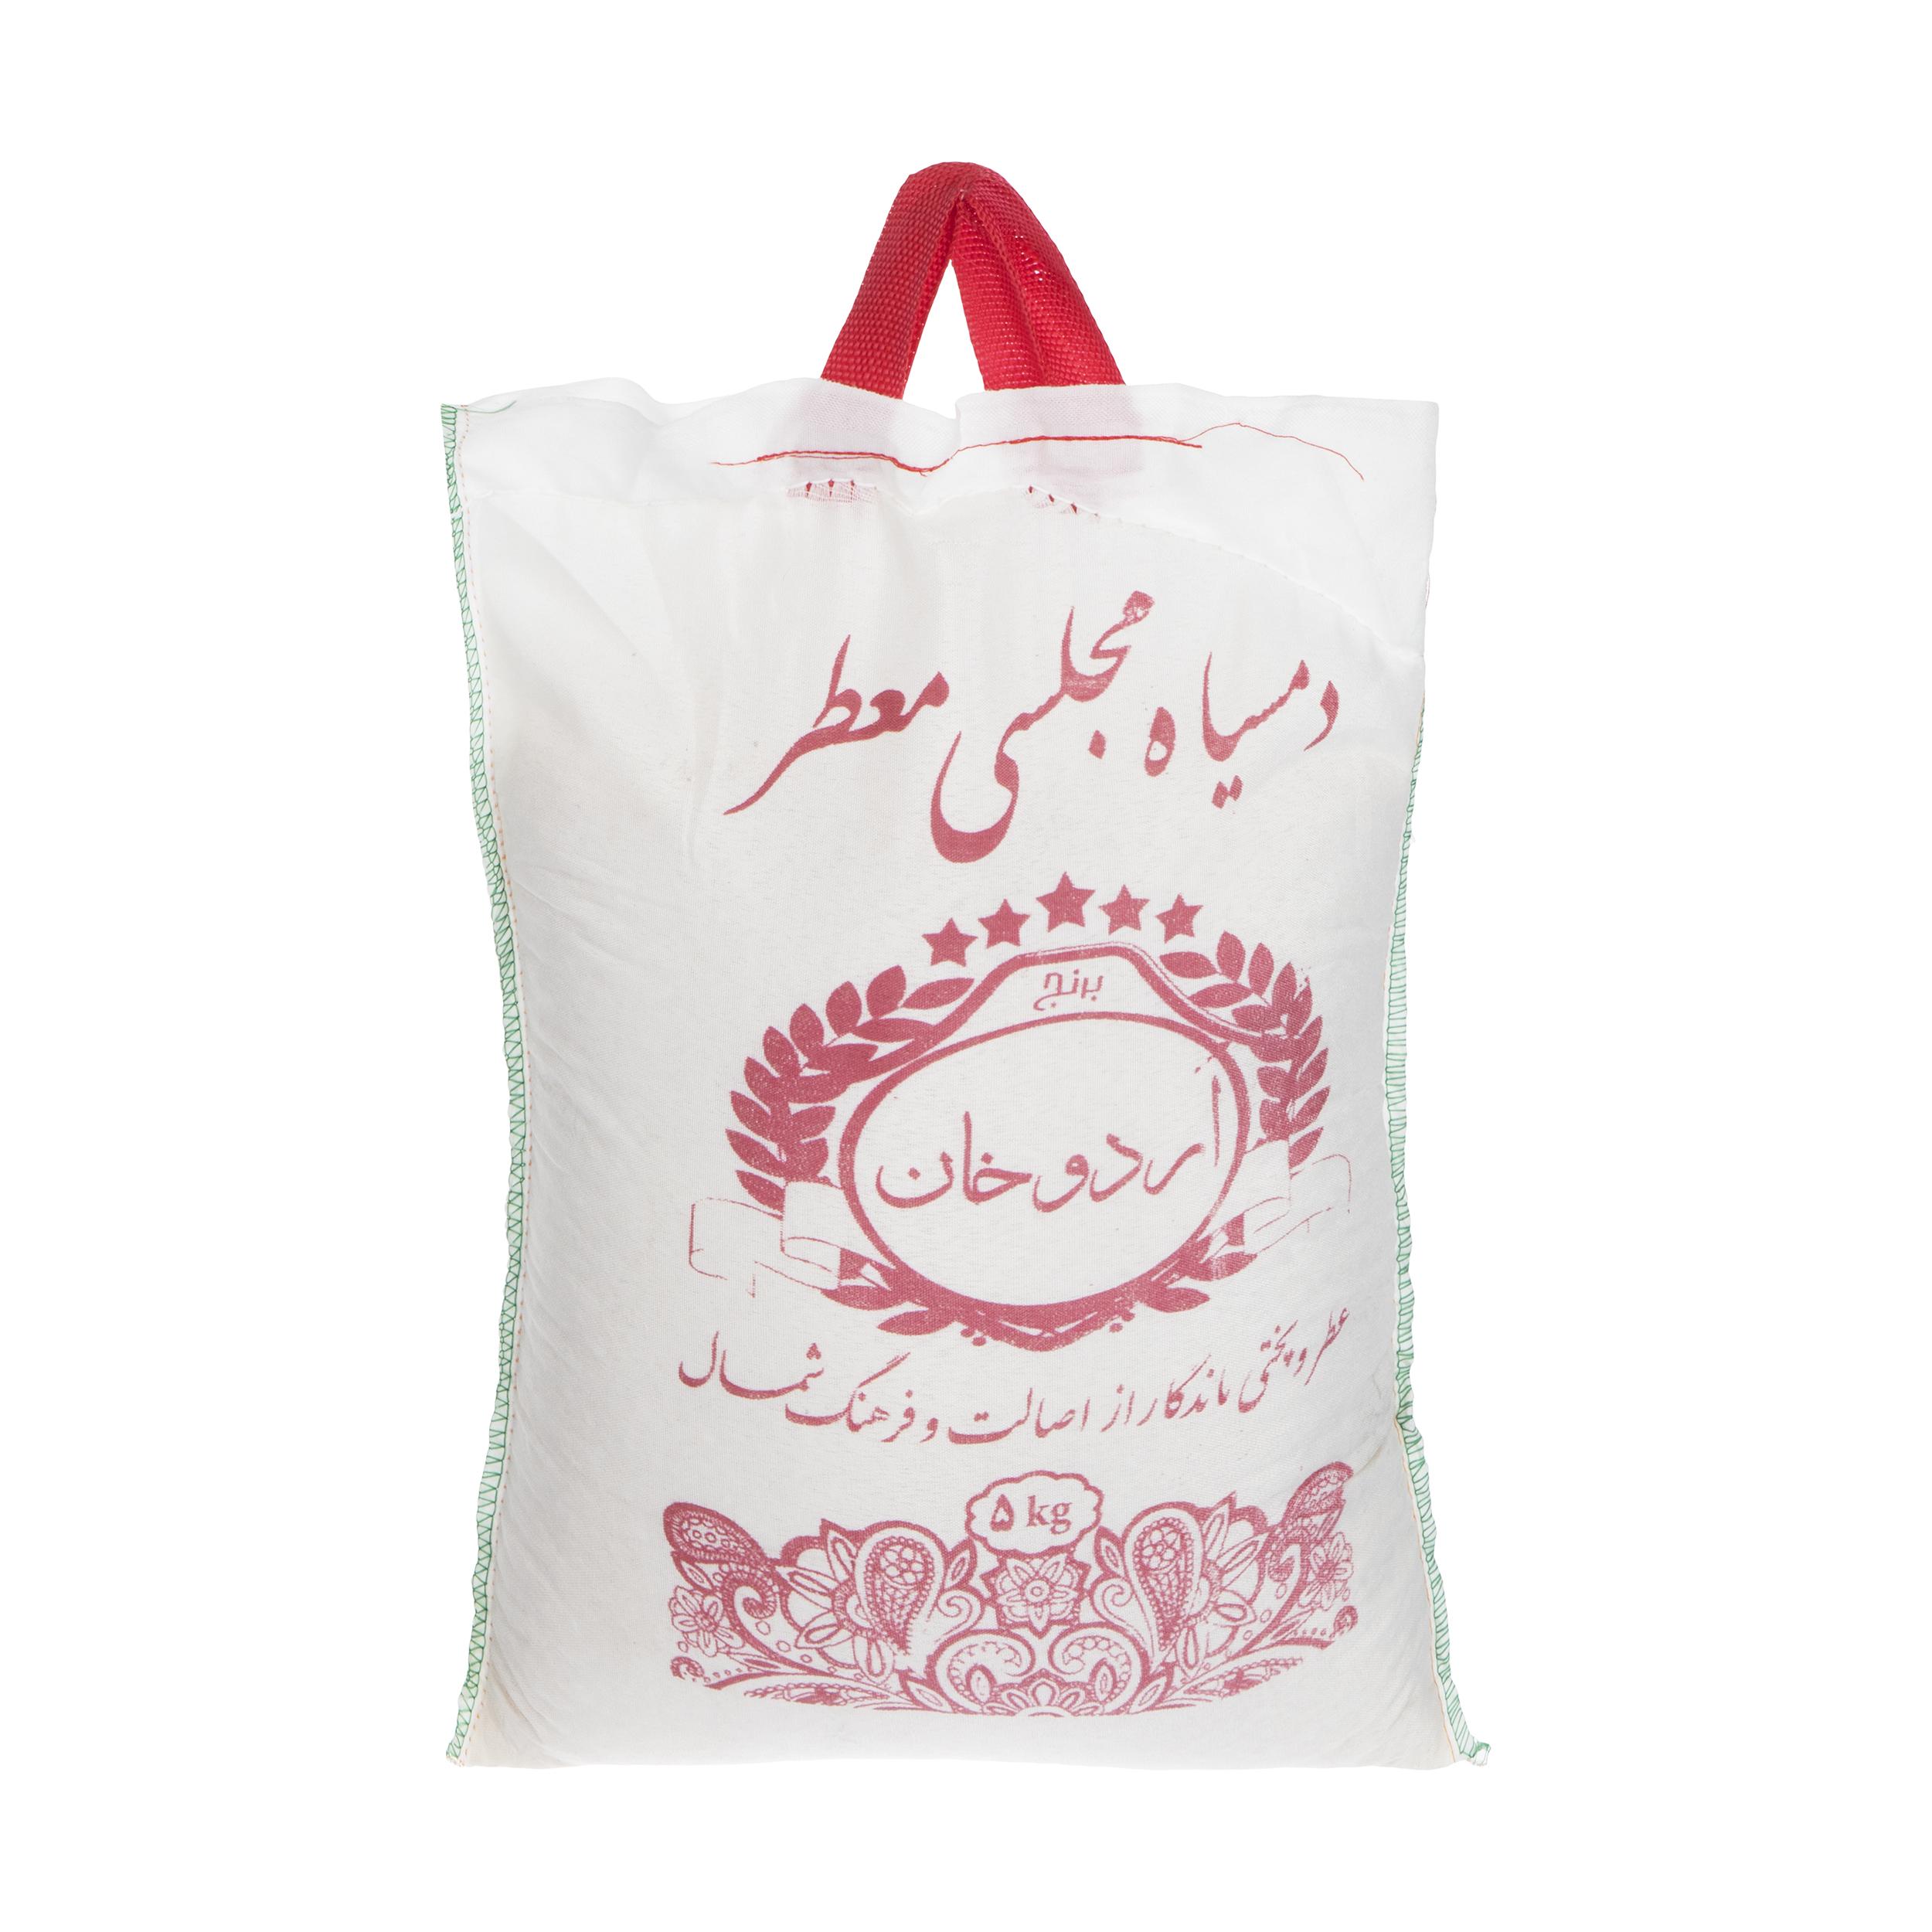 برنج دم سیاه مجلسی معطر اردوخان - 5 کیلوگرم